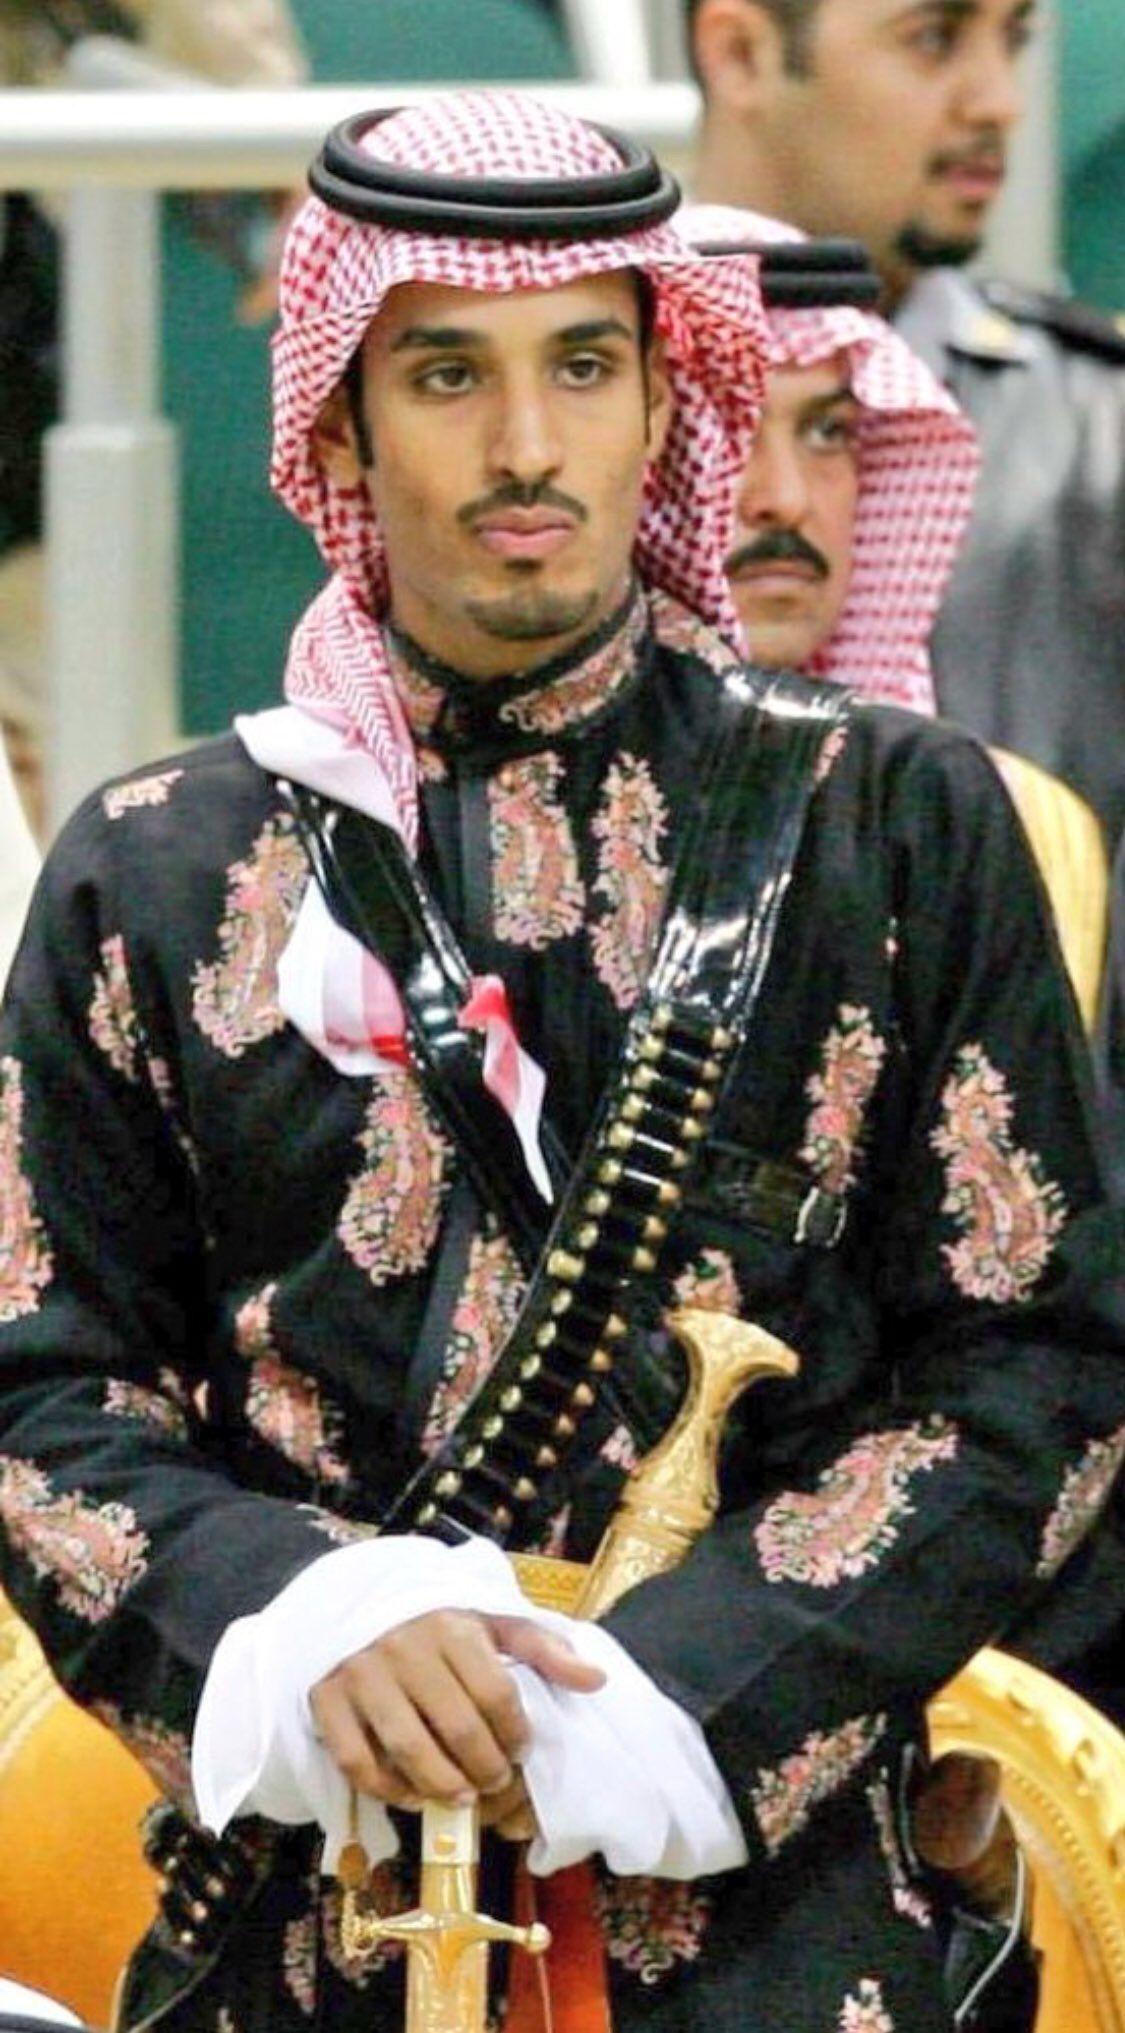 ولي العهد الأمير محمد بن سلمان حفظه الله Saudi Men Ksa Saudi Arabia National Day Saudi